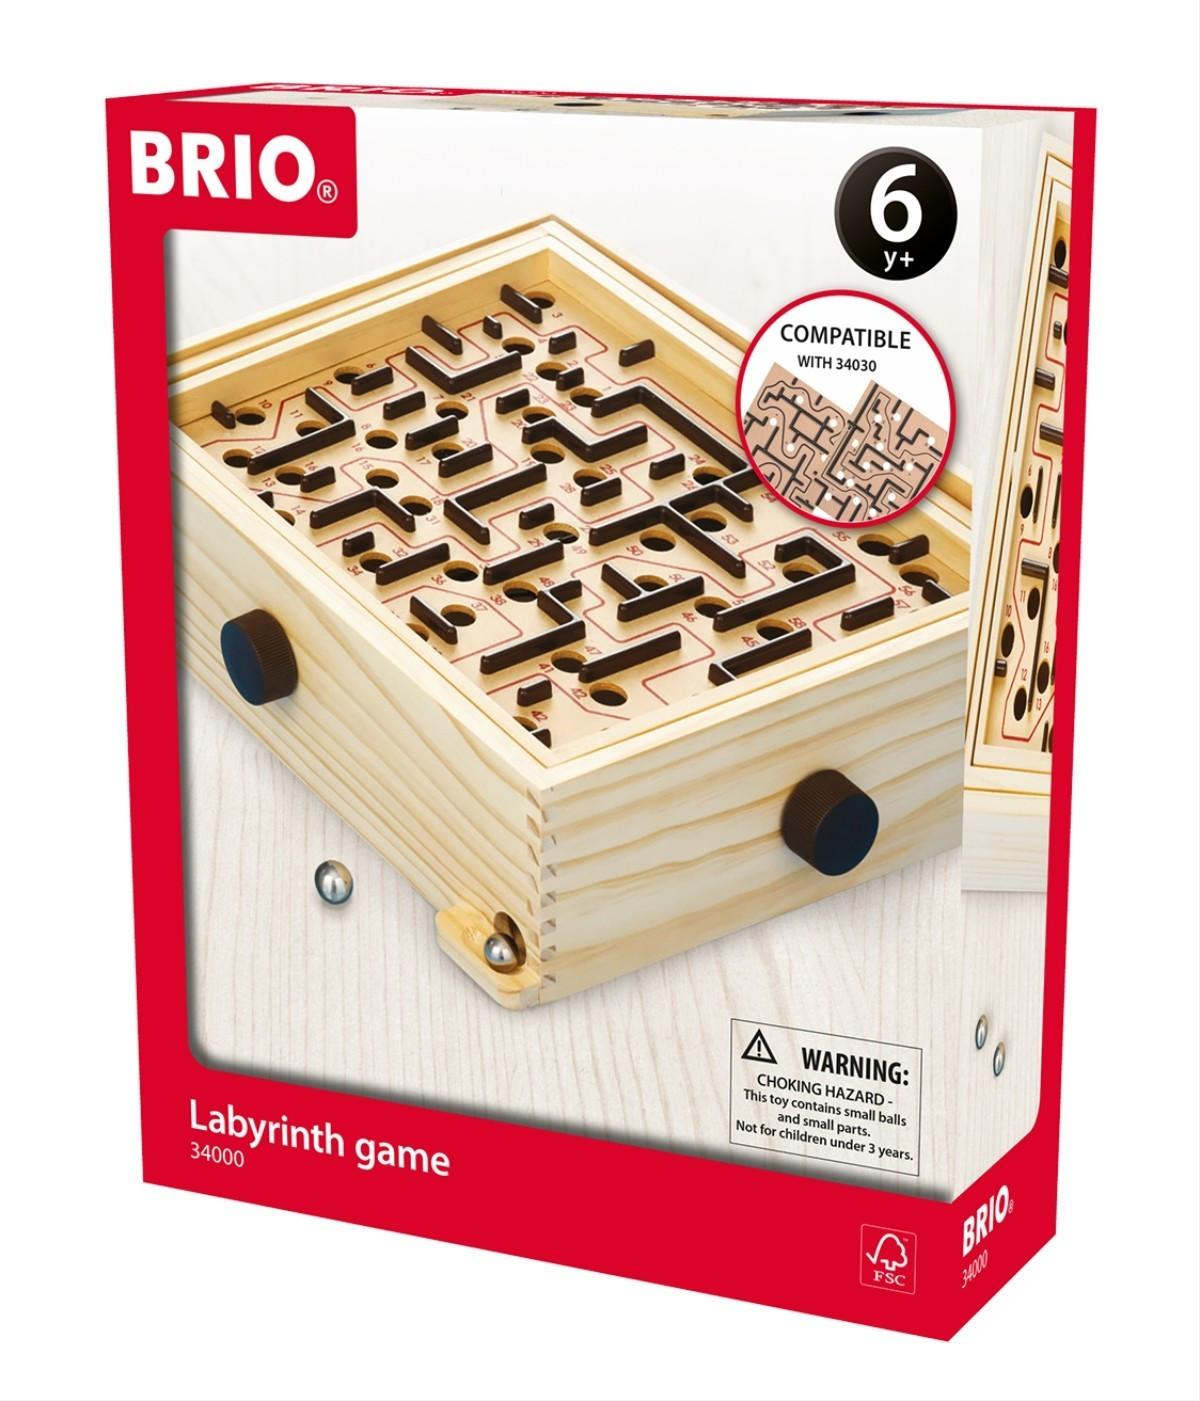 Brio Labyrinth